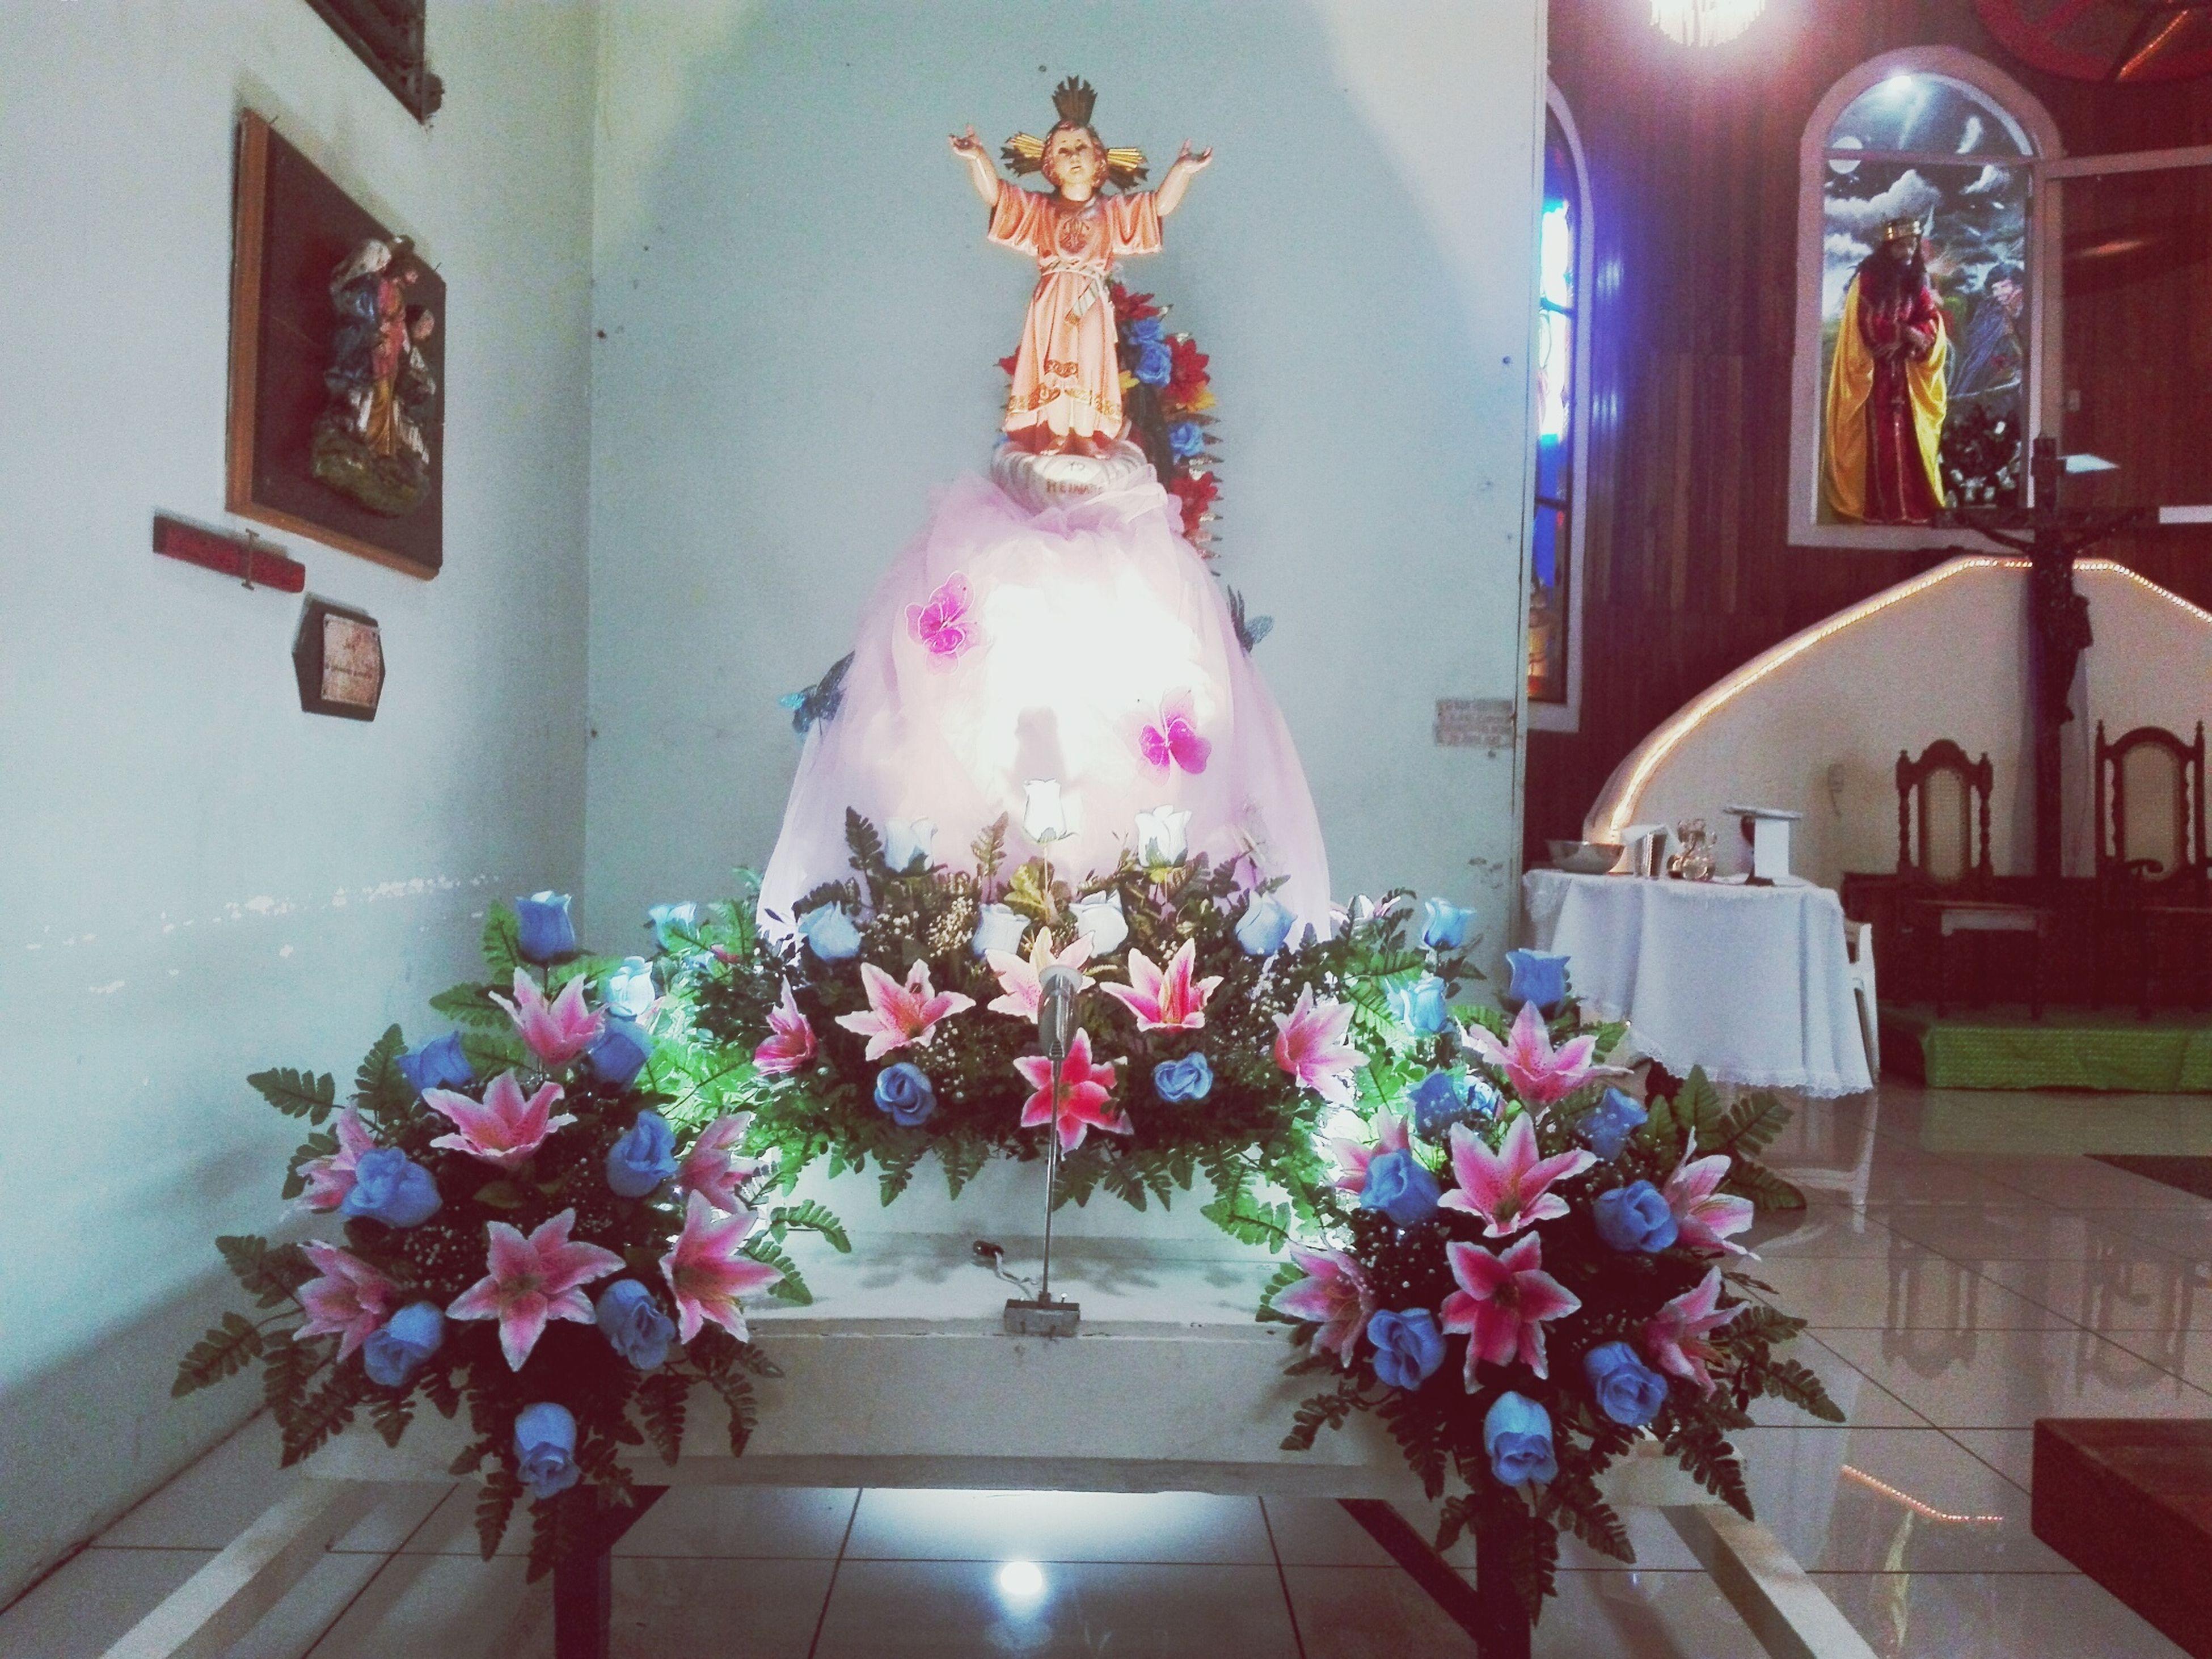 flower, decoration, art, ornate, illuminated, decor, no people, fragility, buddha, day